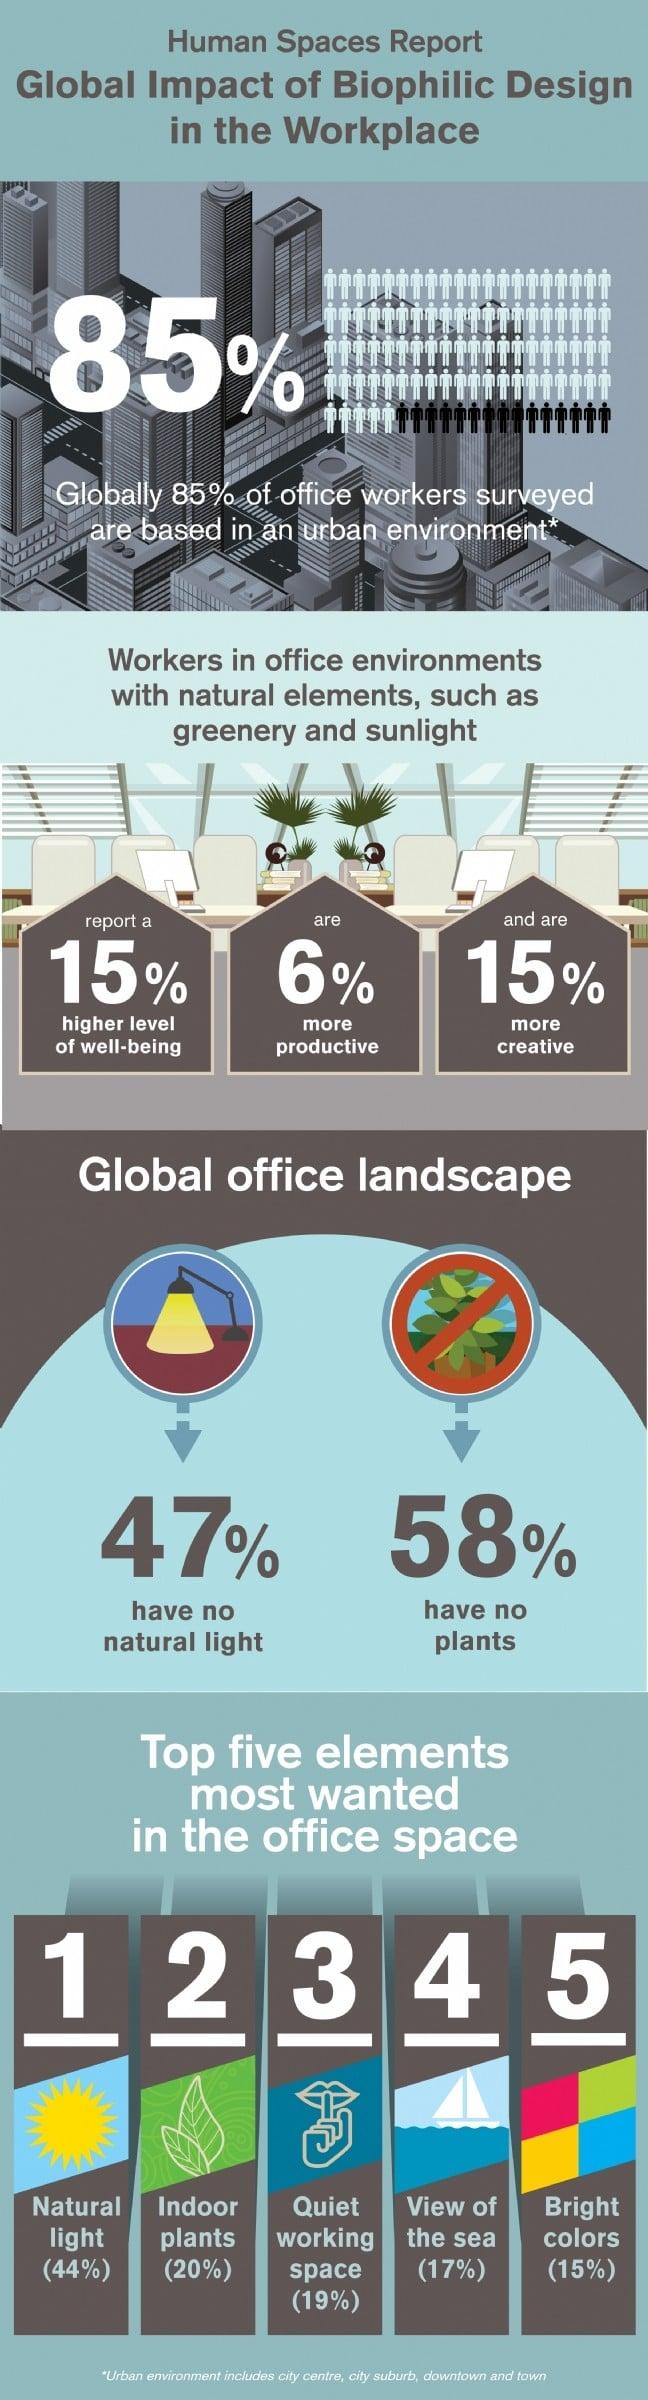 """Quand les plantes vertes favorisent la créativité Retrouvez cet article sur : www.decision-achats.fr - """"L'impact du design biophilique sur l'environnement de travail"""